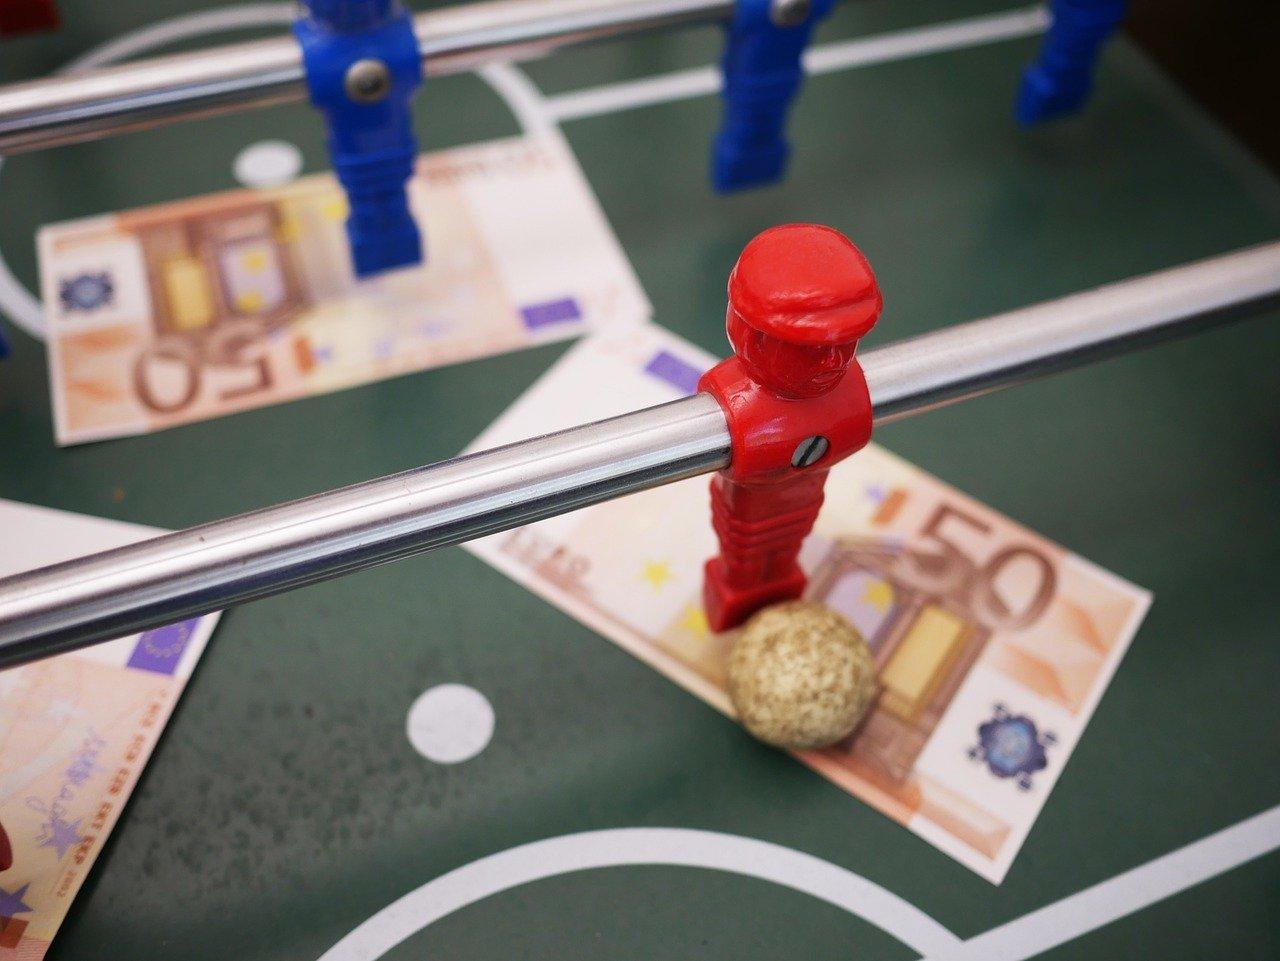 Consejos para ganar dinero con las apuestas deportivas - sport-4518188_1280